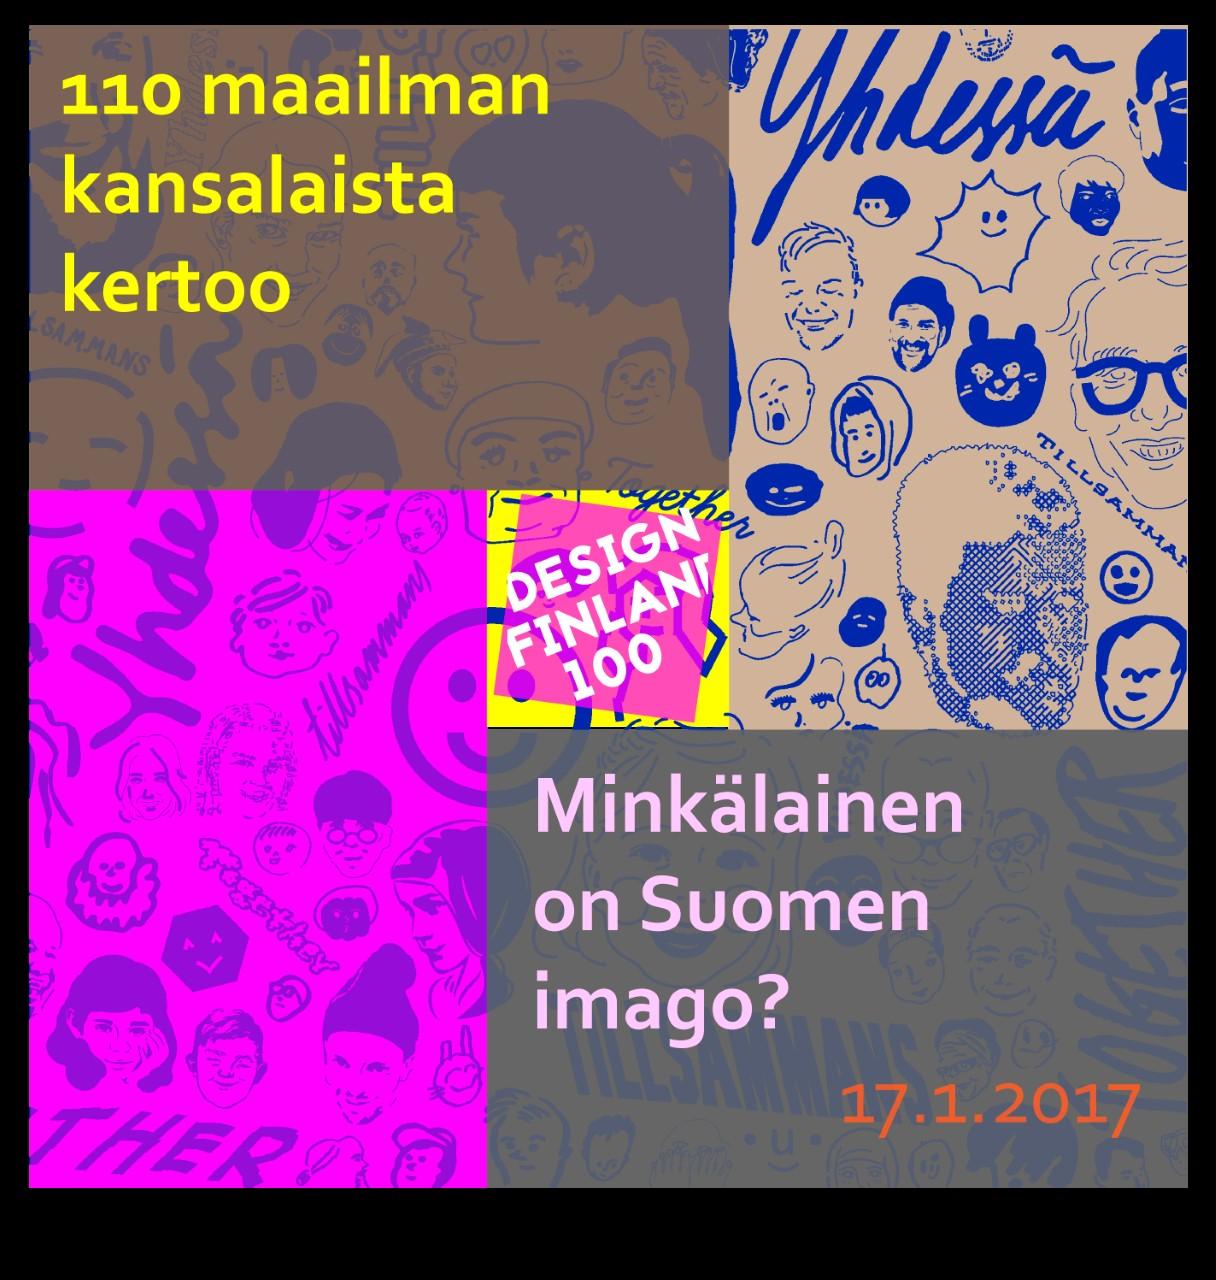 Minkälainen on Suomen imago?